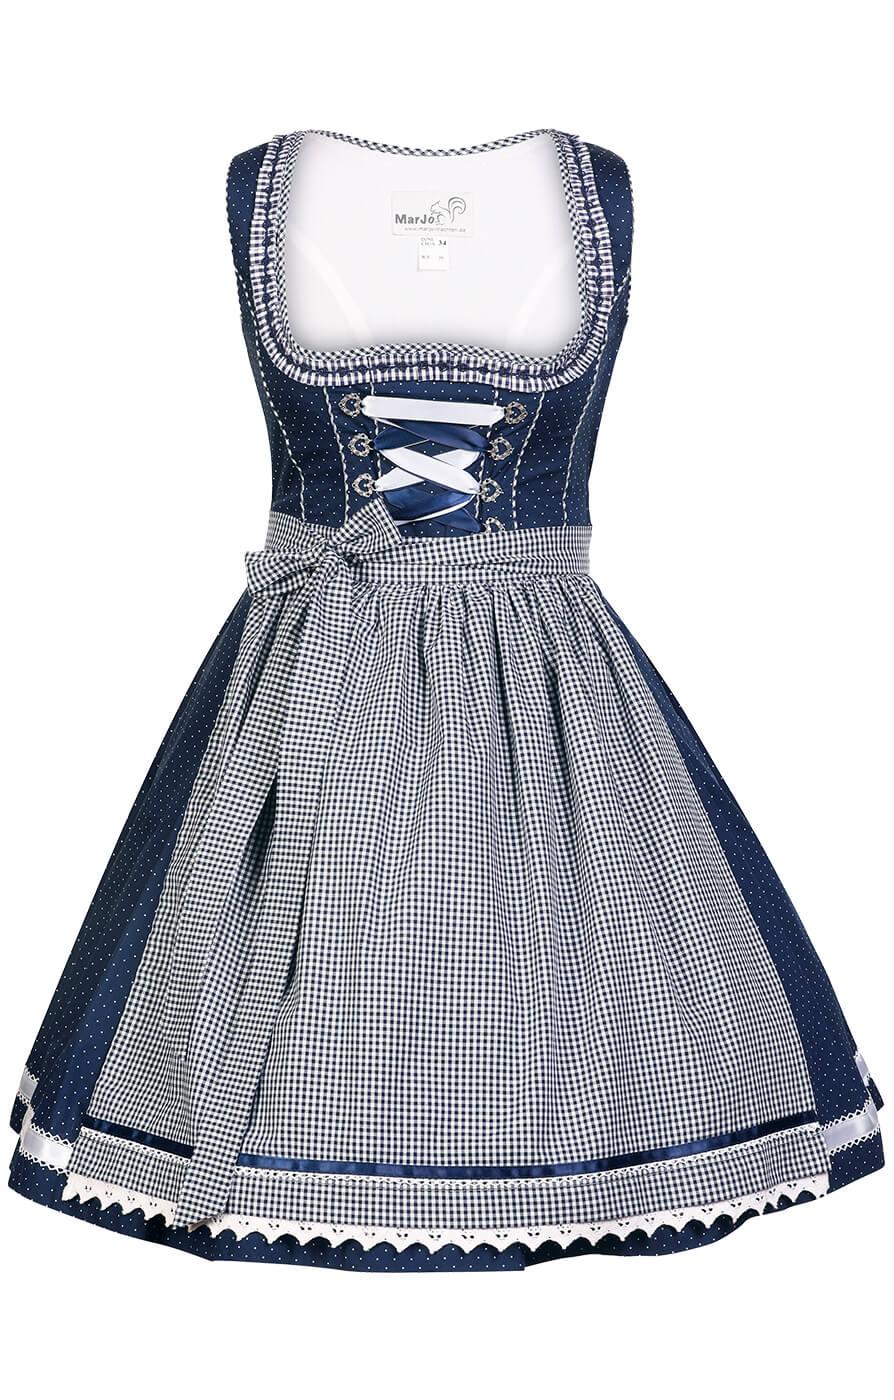 weitere Bilder von Minidirndl 2pcs. Miriam2 blue white 58cm